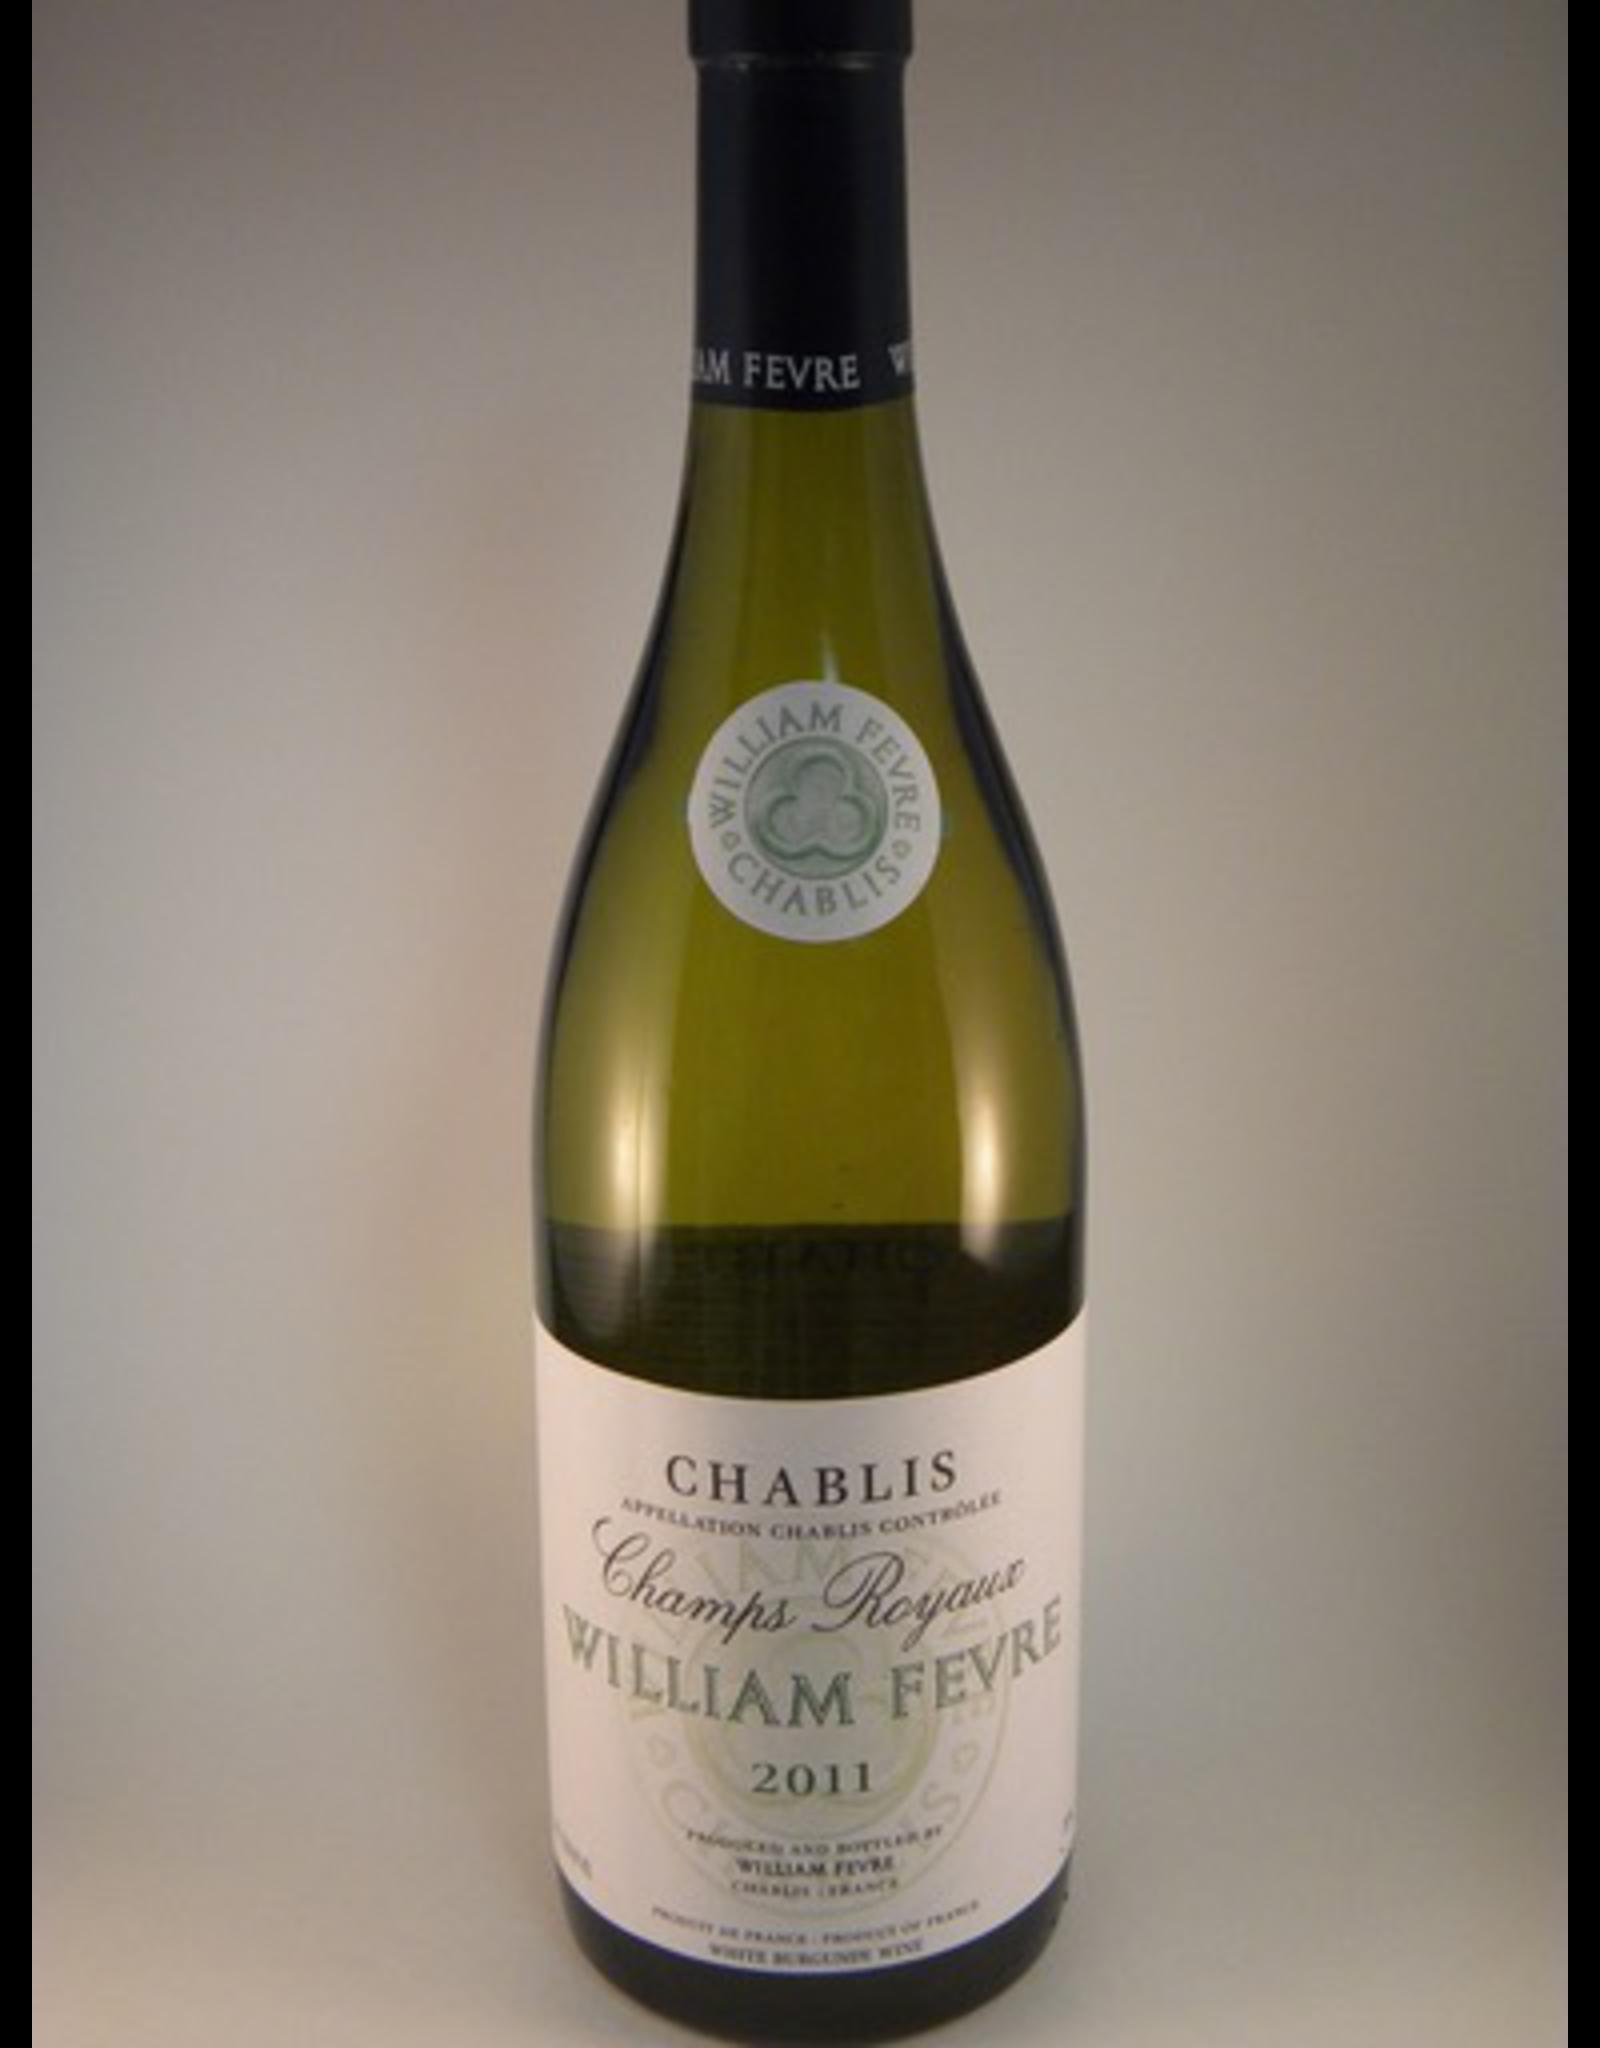 William Fevre William Fevre Chablis Champs Royaux 2019